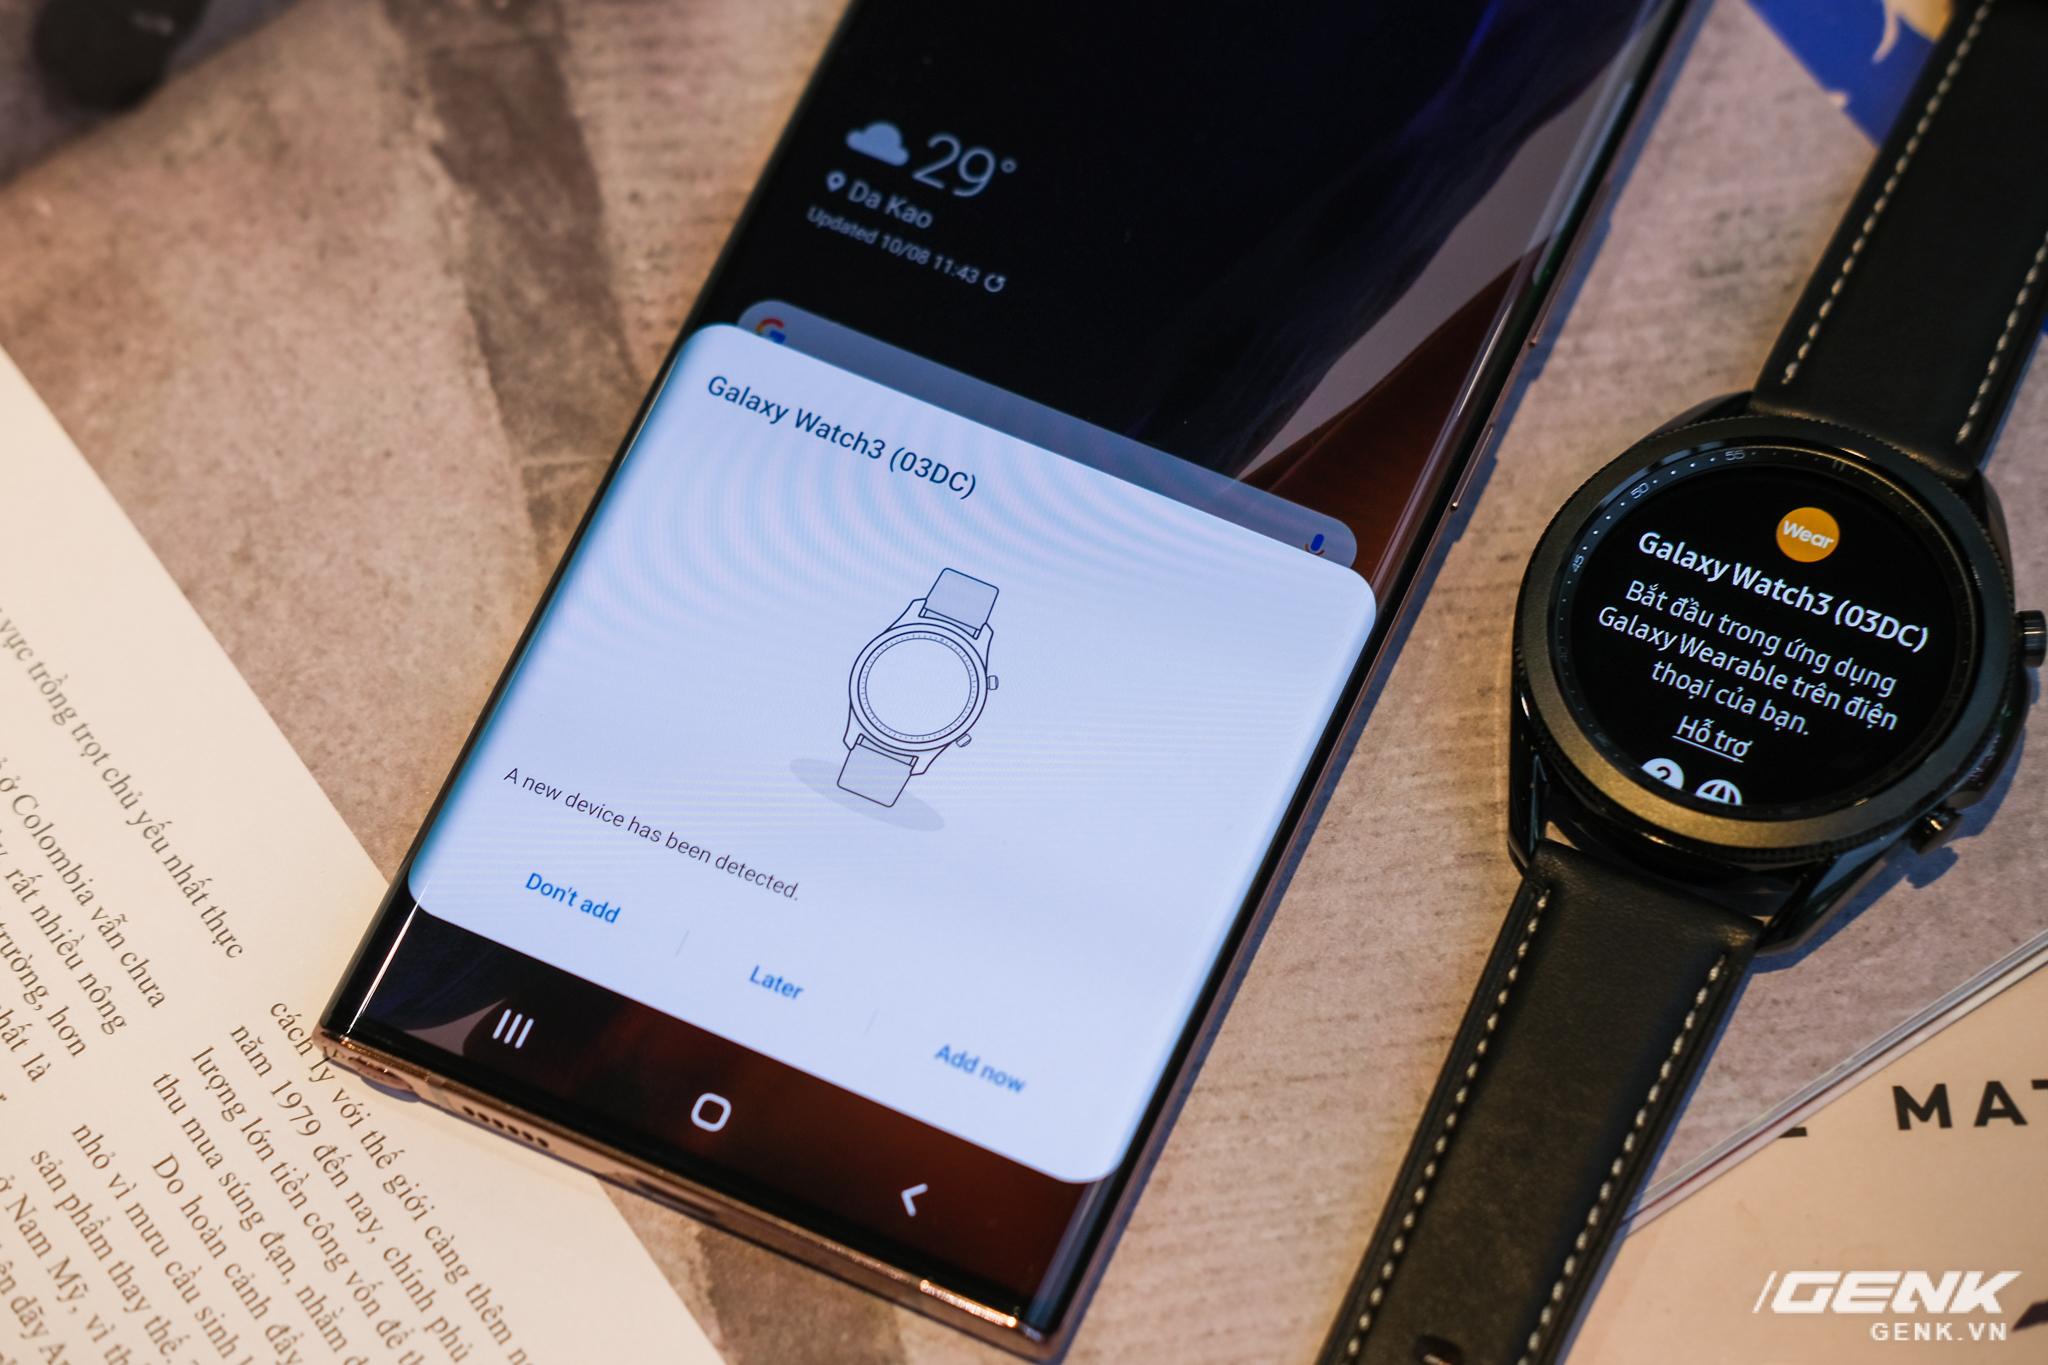 Mở hộp Galaxy Watch3 mặt 45mm: Thiết kế thanh lịch hơn, trang bị khả năng đo nồng độ oxy trong máu, có hơn 120 bài tập tại nhà, bản GPS giá từ 9,99 triệu đồng - Ảnh 5.